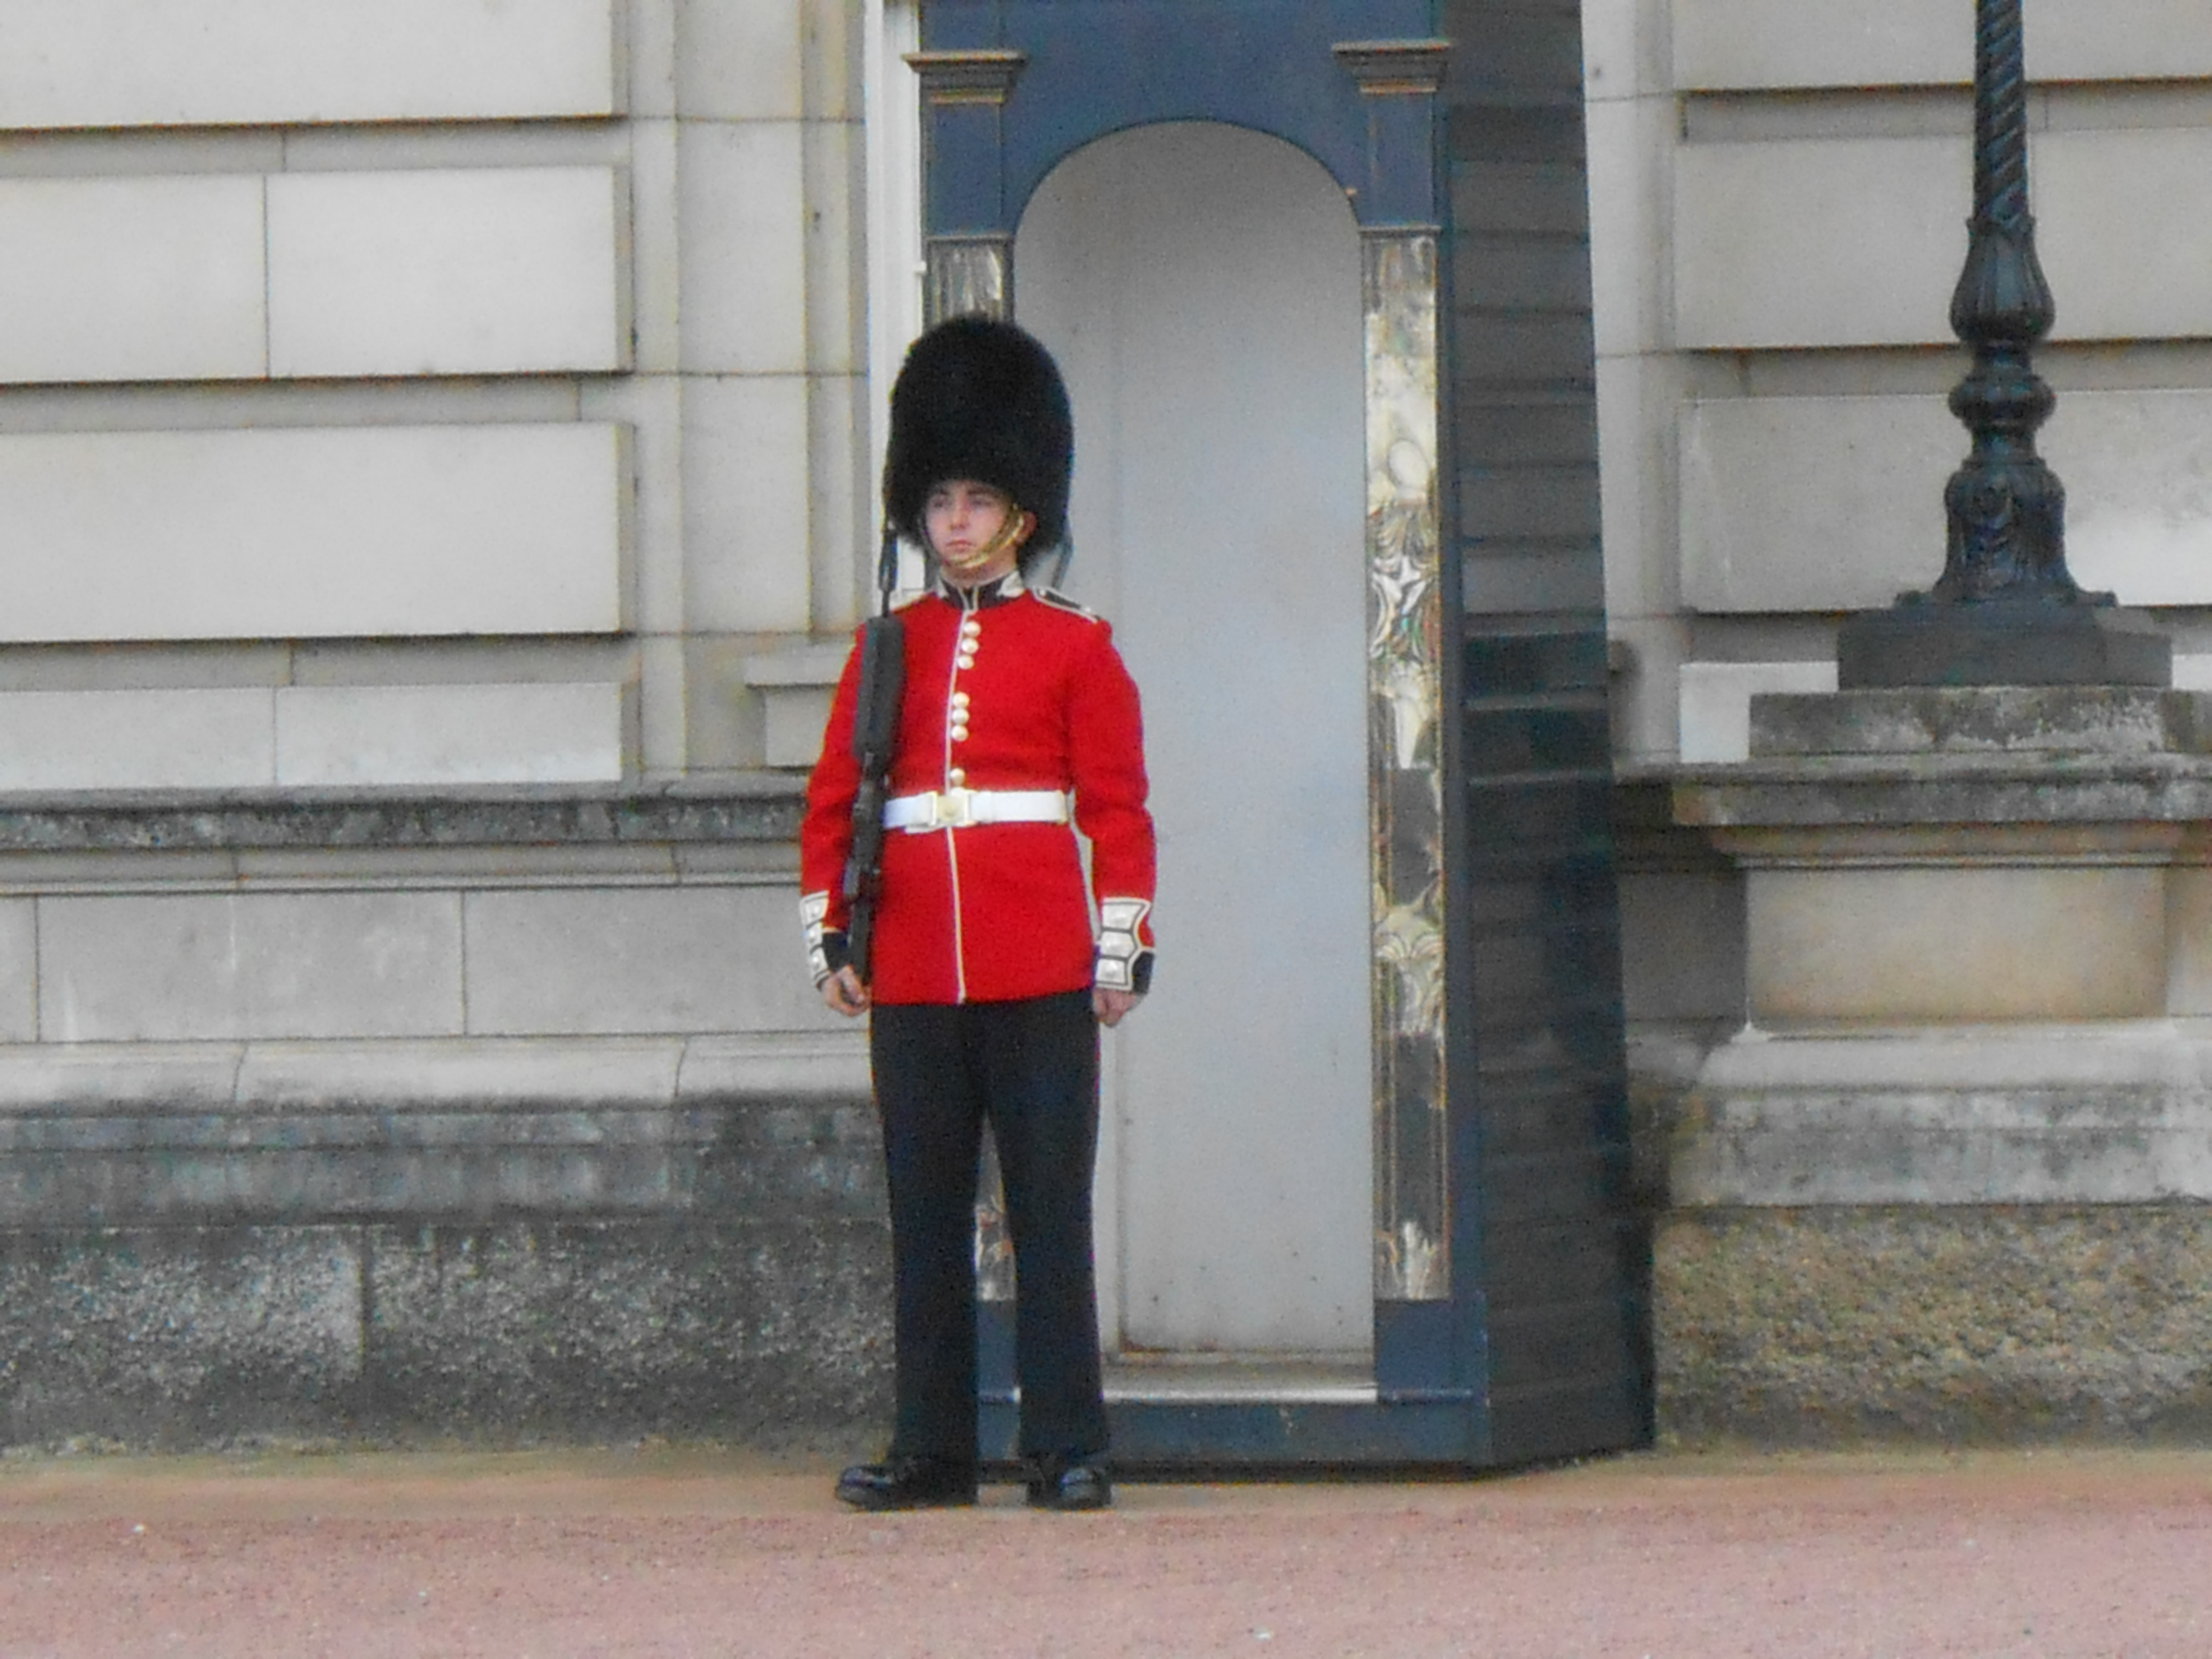 королевская охрана картинки интересные вещи себе